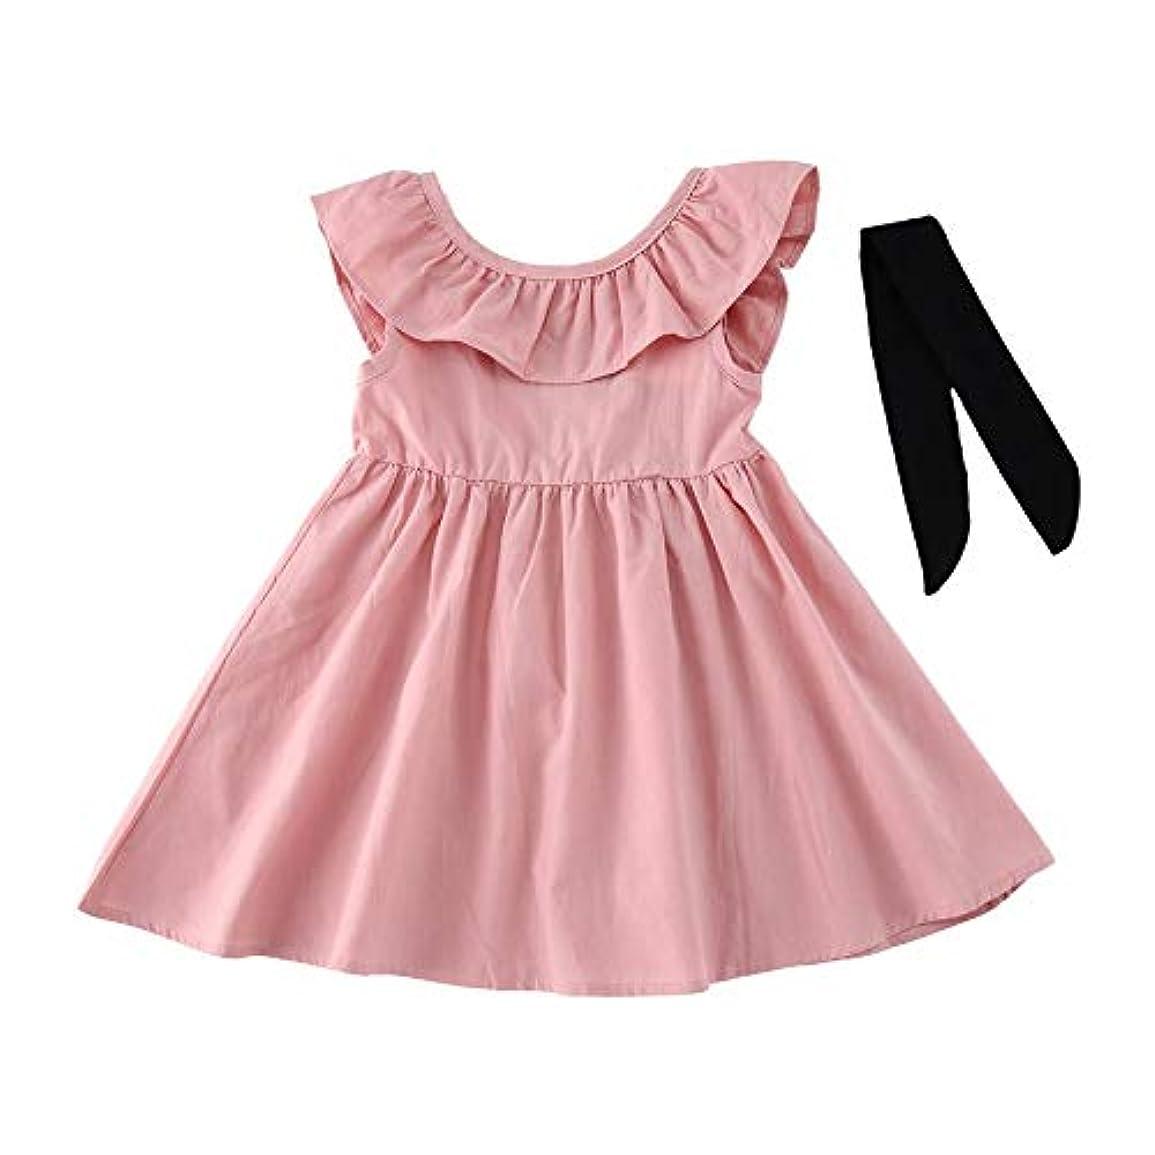 冷凍庫とんでもないしてはいけないファッショナブルな赤ちゃん子供の女の子ノースリーブワンピースドレス無地バックレス蝶結びチュチュドレス夏服ドレス-ピンク130 cm